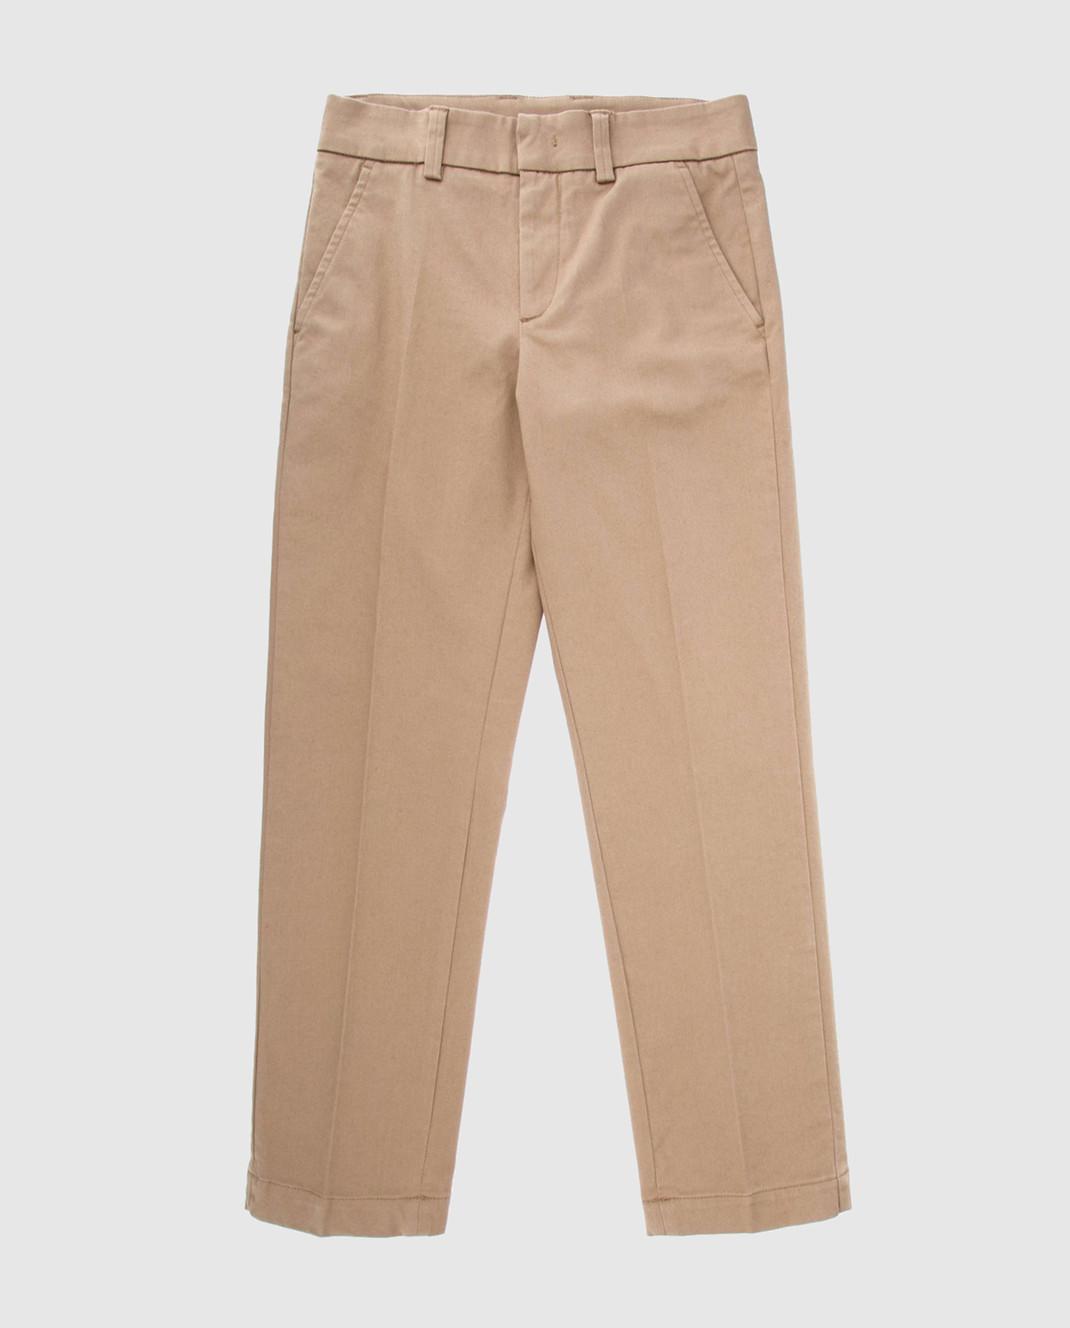 Moncler ENFANT Детские бежевые брюки 110188A10A